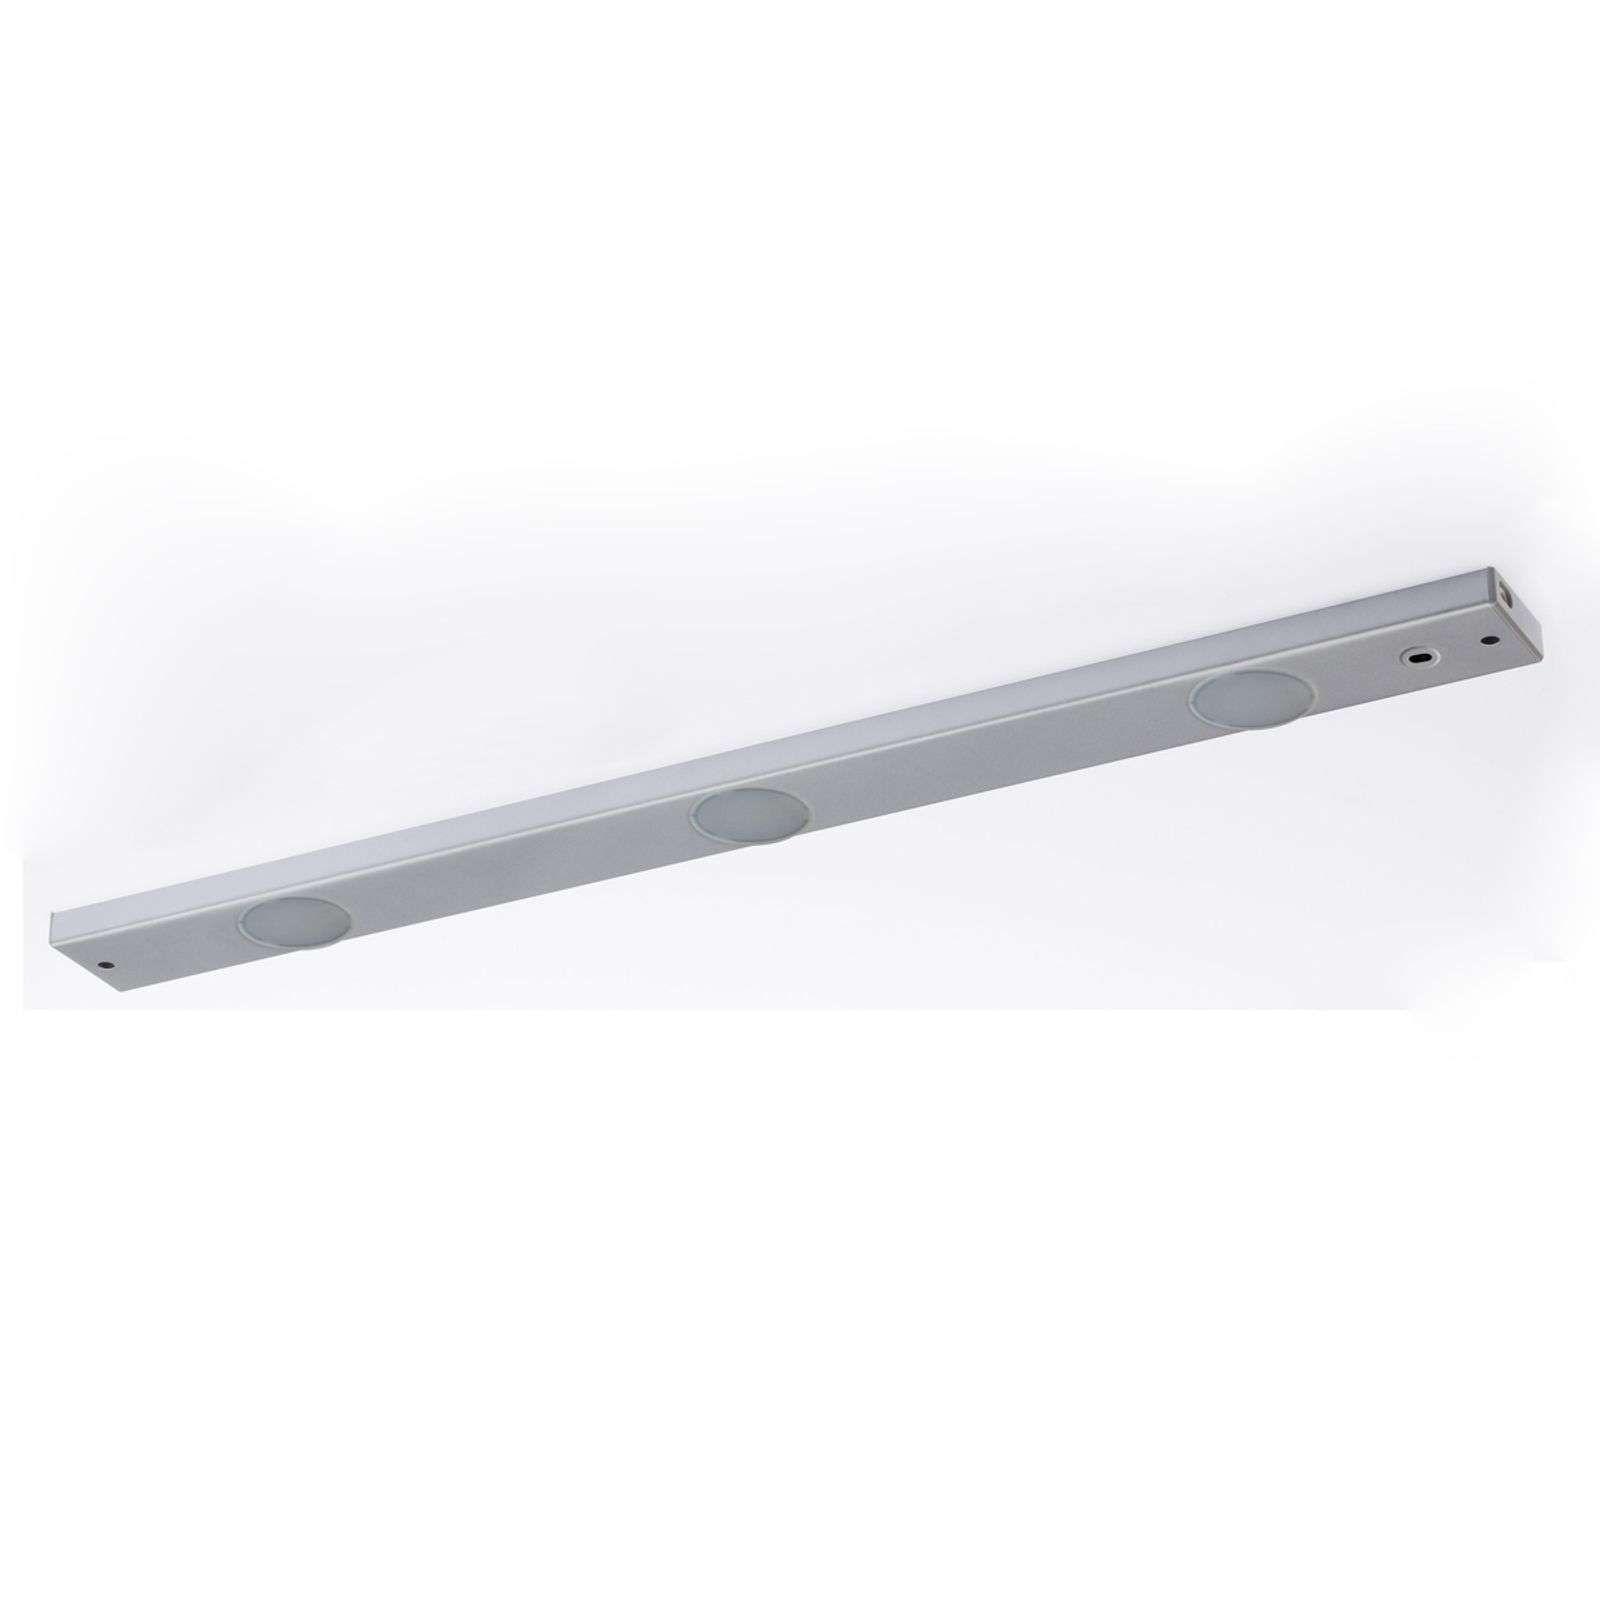 Reglette Led Sous Meuble Cabinet Light 42 4cm En 2020 Reglette